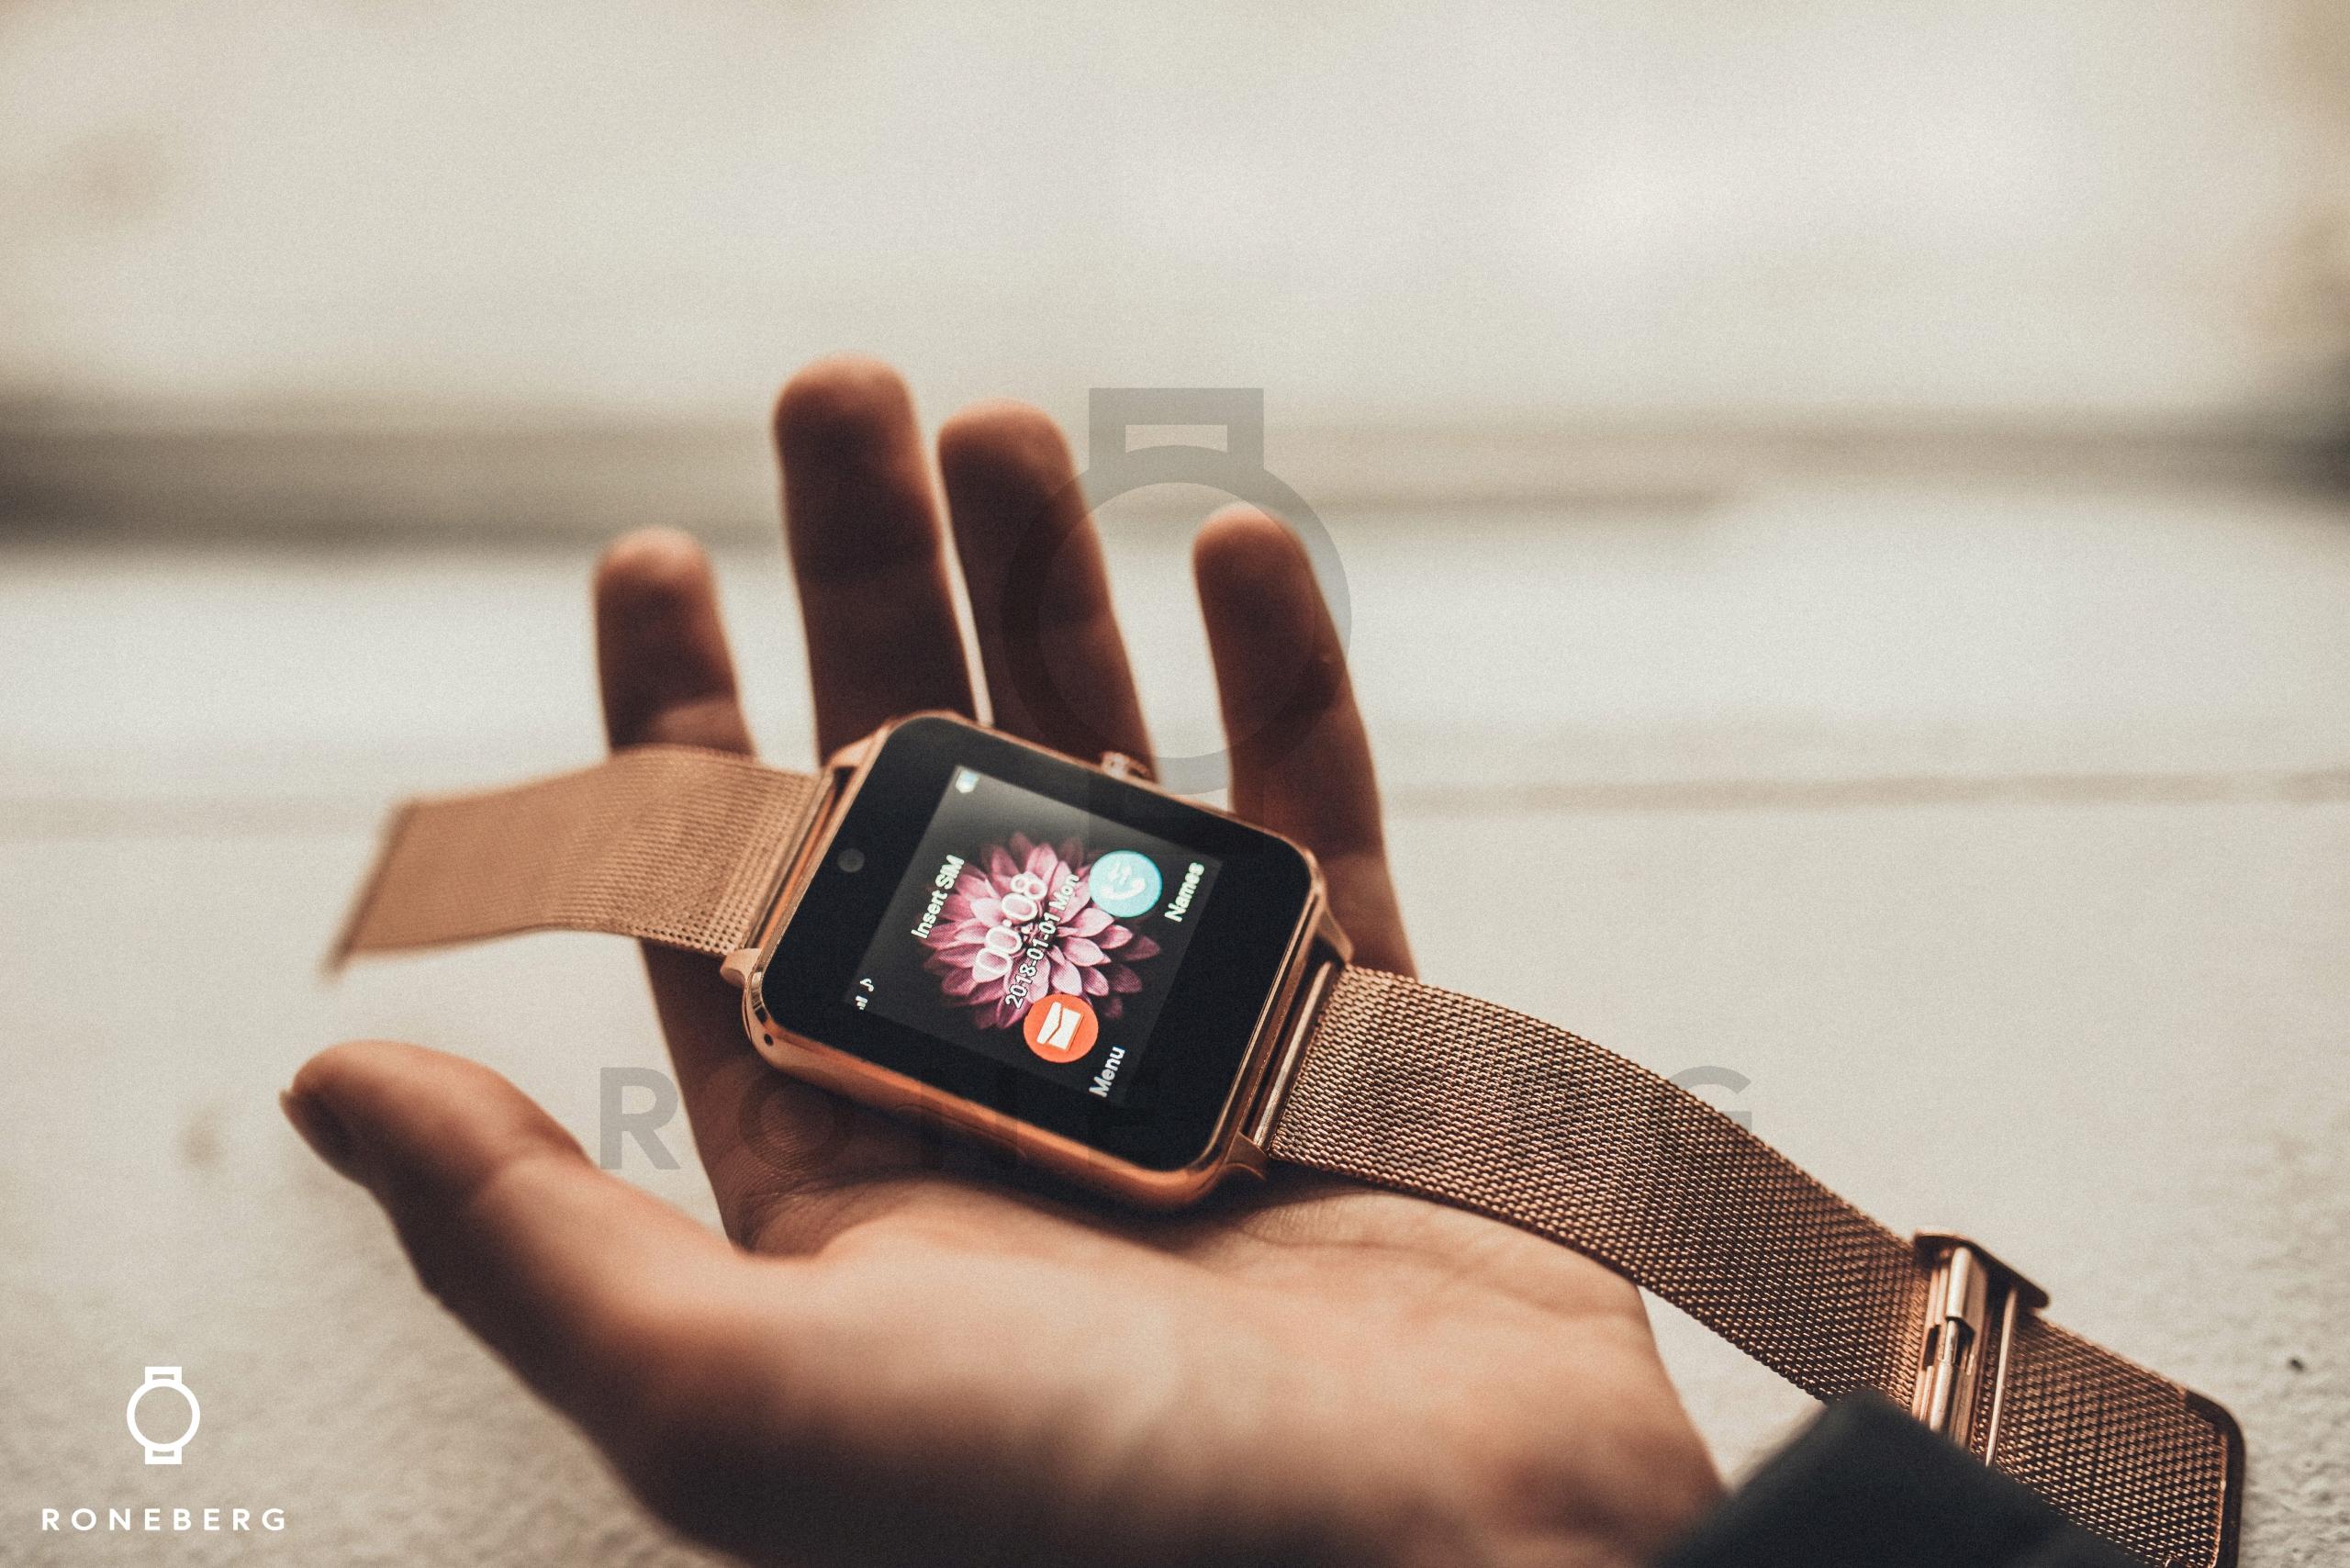 smartwatch zegarek roneberg r60 złoty